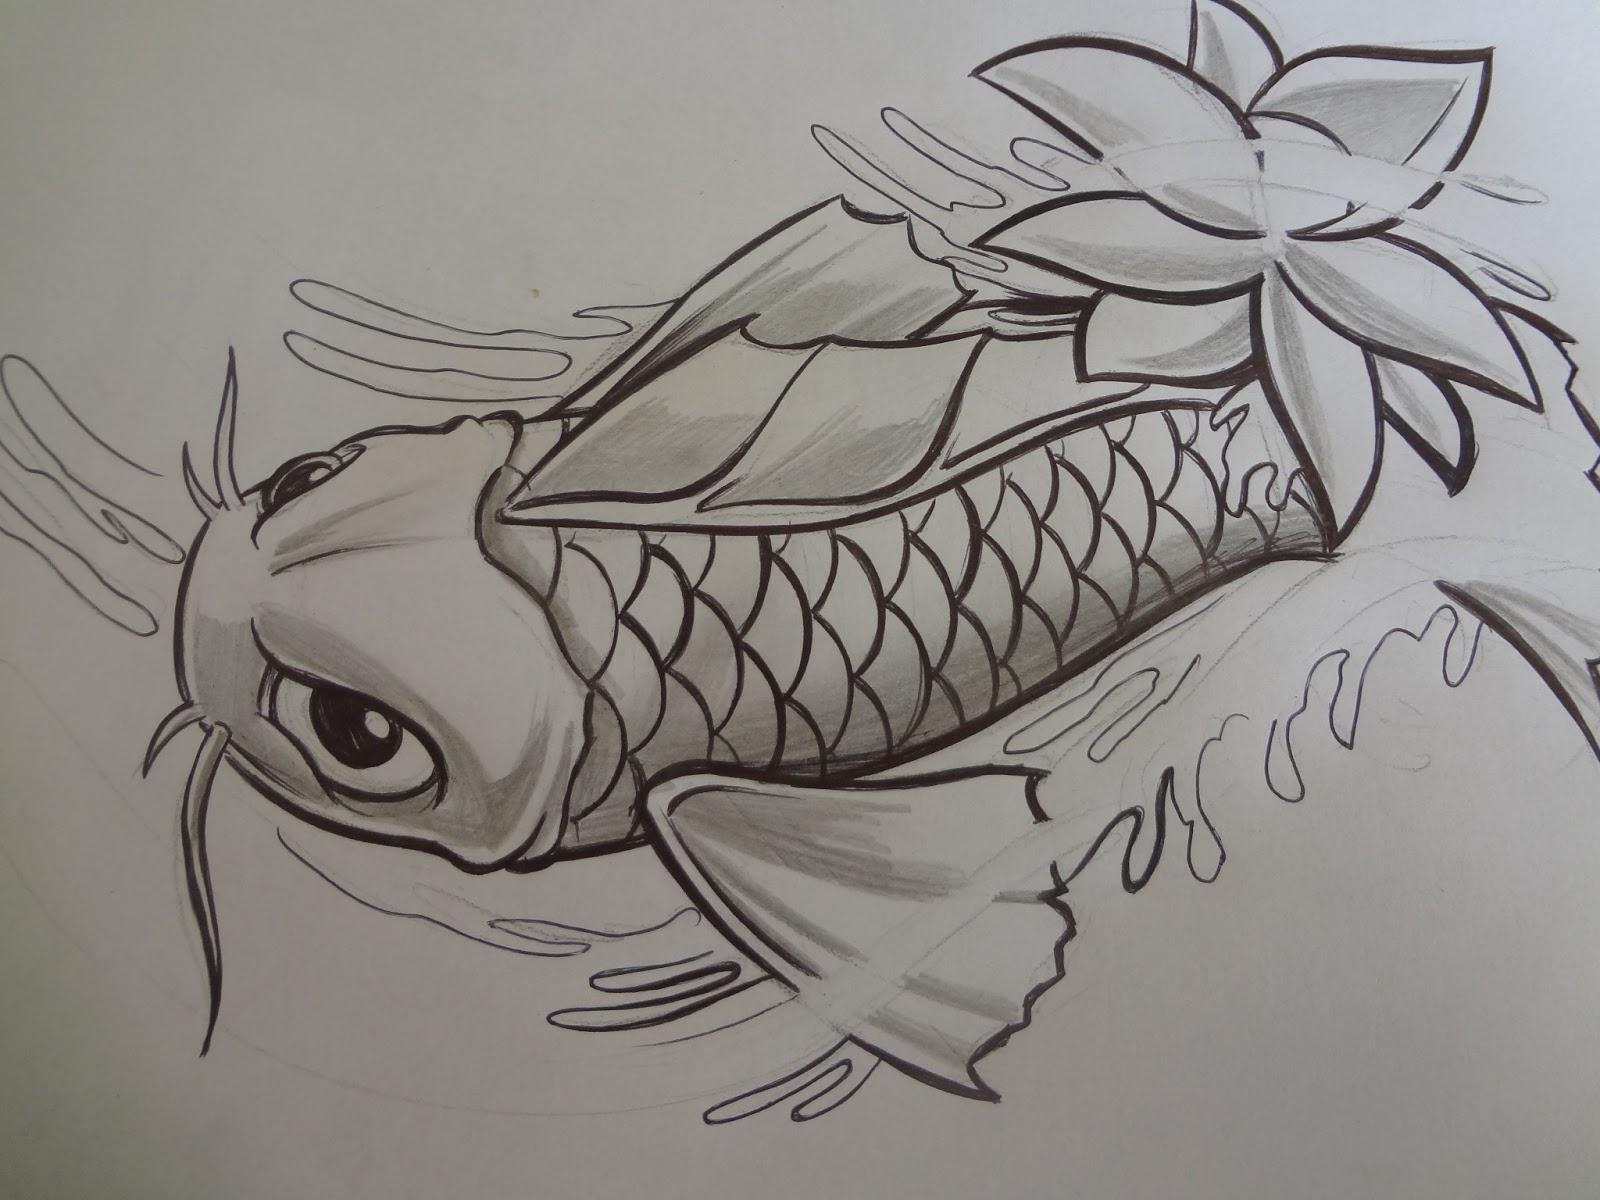 Aqui O Desenho Sombreado Parcialmentena Tatuagem Usa Se Um Sumi Bem